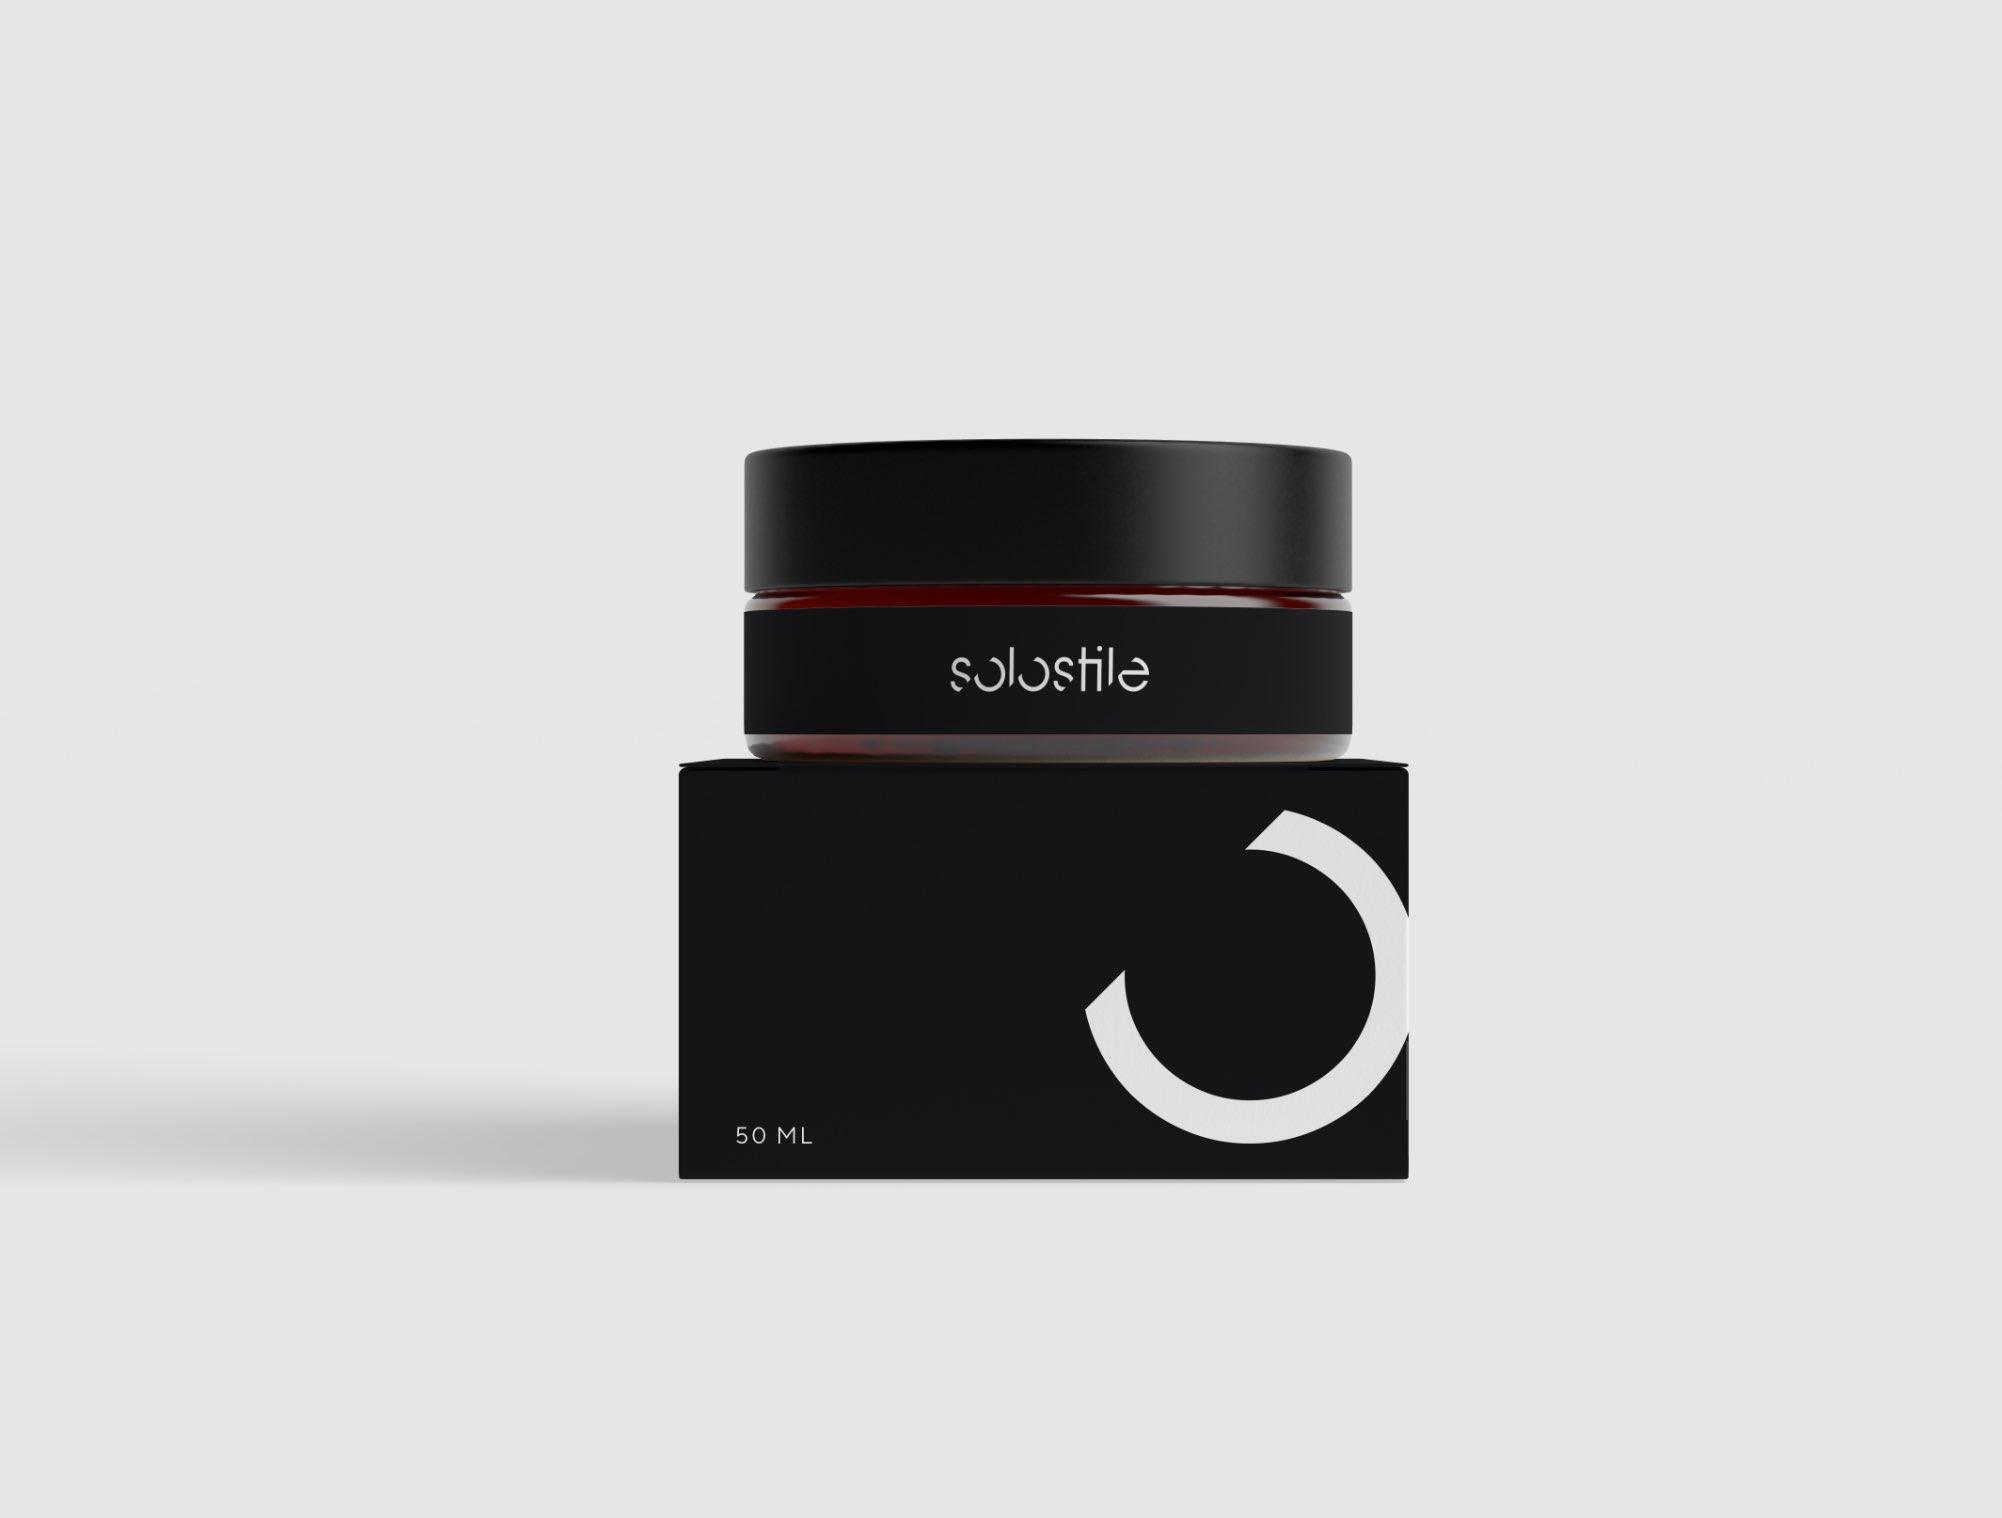 q2-werbeagentur_solostile_packaging